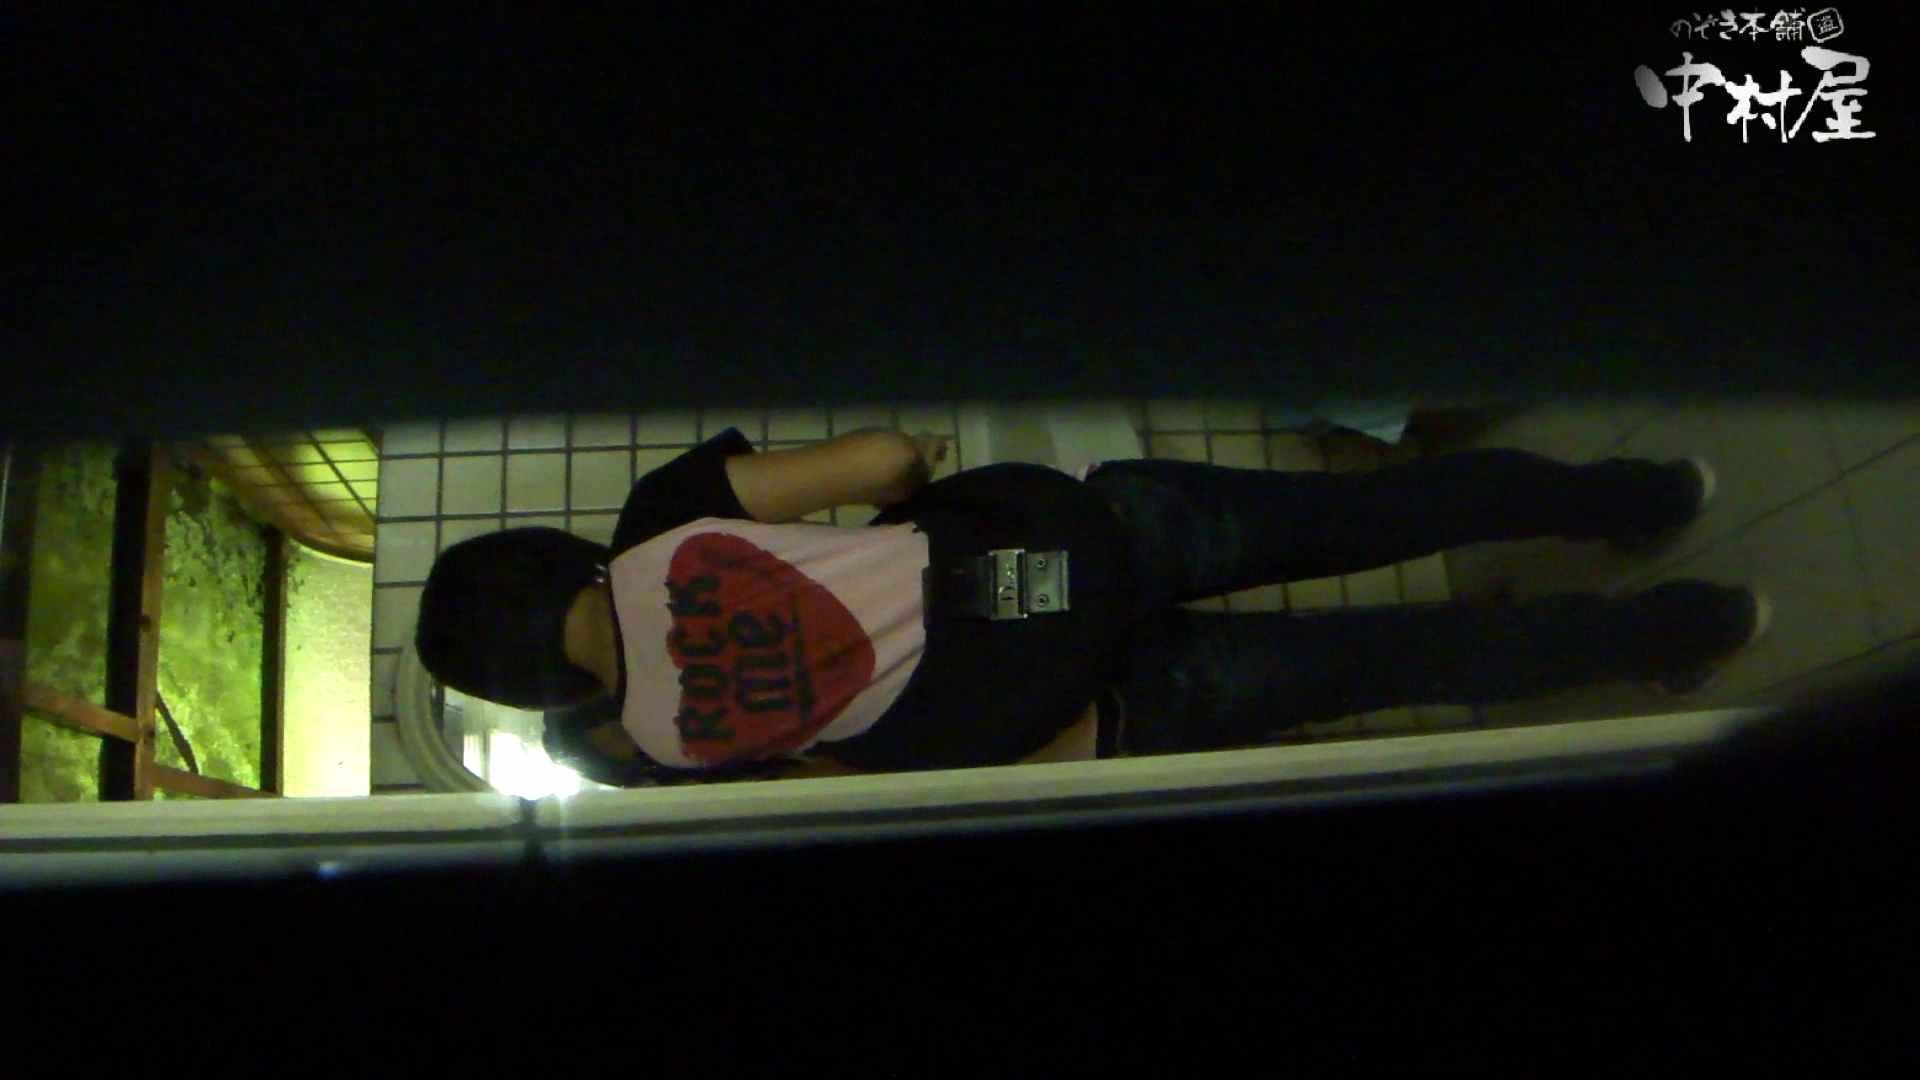 【美人が集まるファッションショッピングセンター洗面所盗SATU】ギャルのツルピカ潜入盗satu!Vol.09 ギャルのエロ動画 アダルト動画キャプチャ 88PIX 22